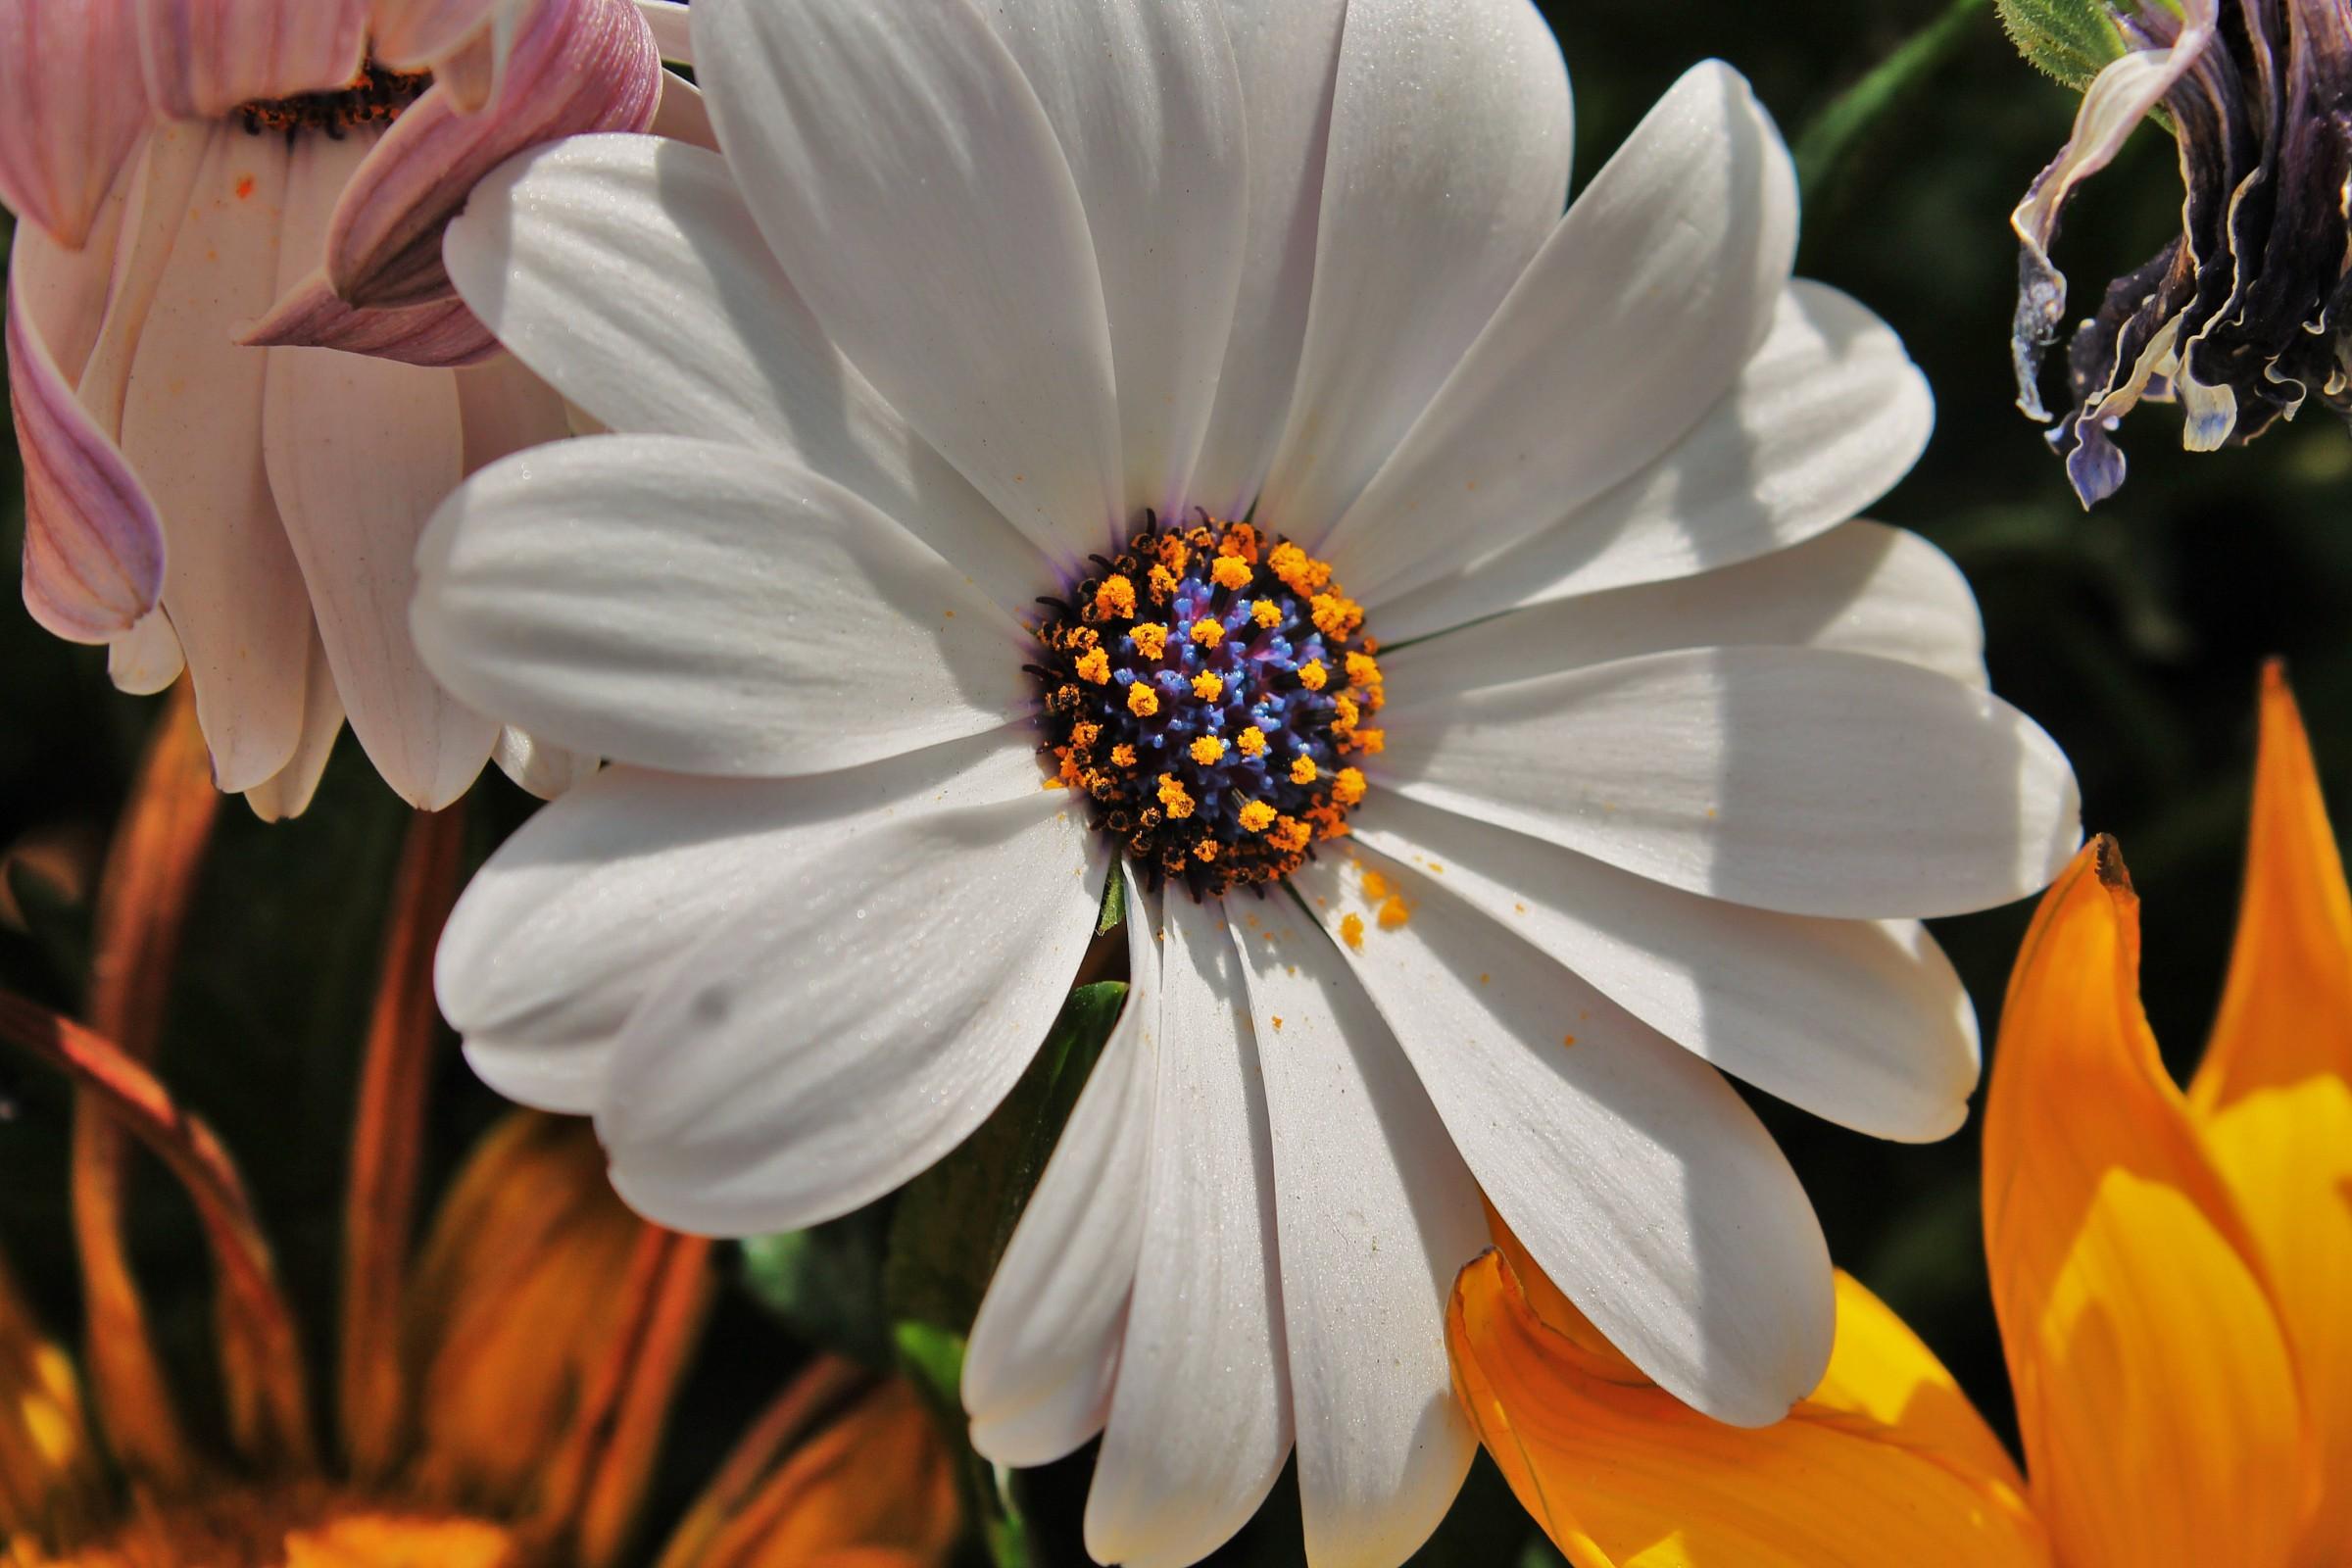 La bellezza di un fiore....